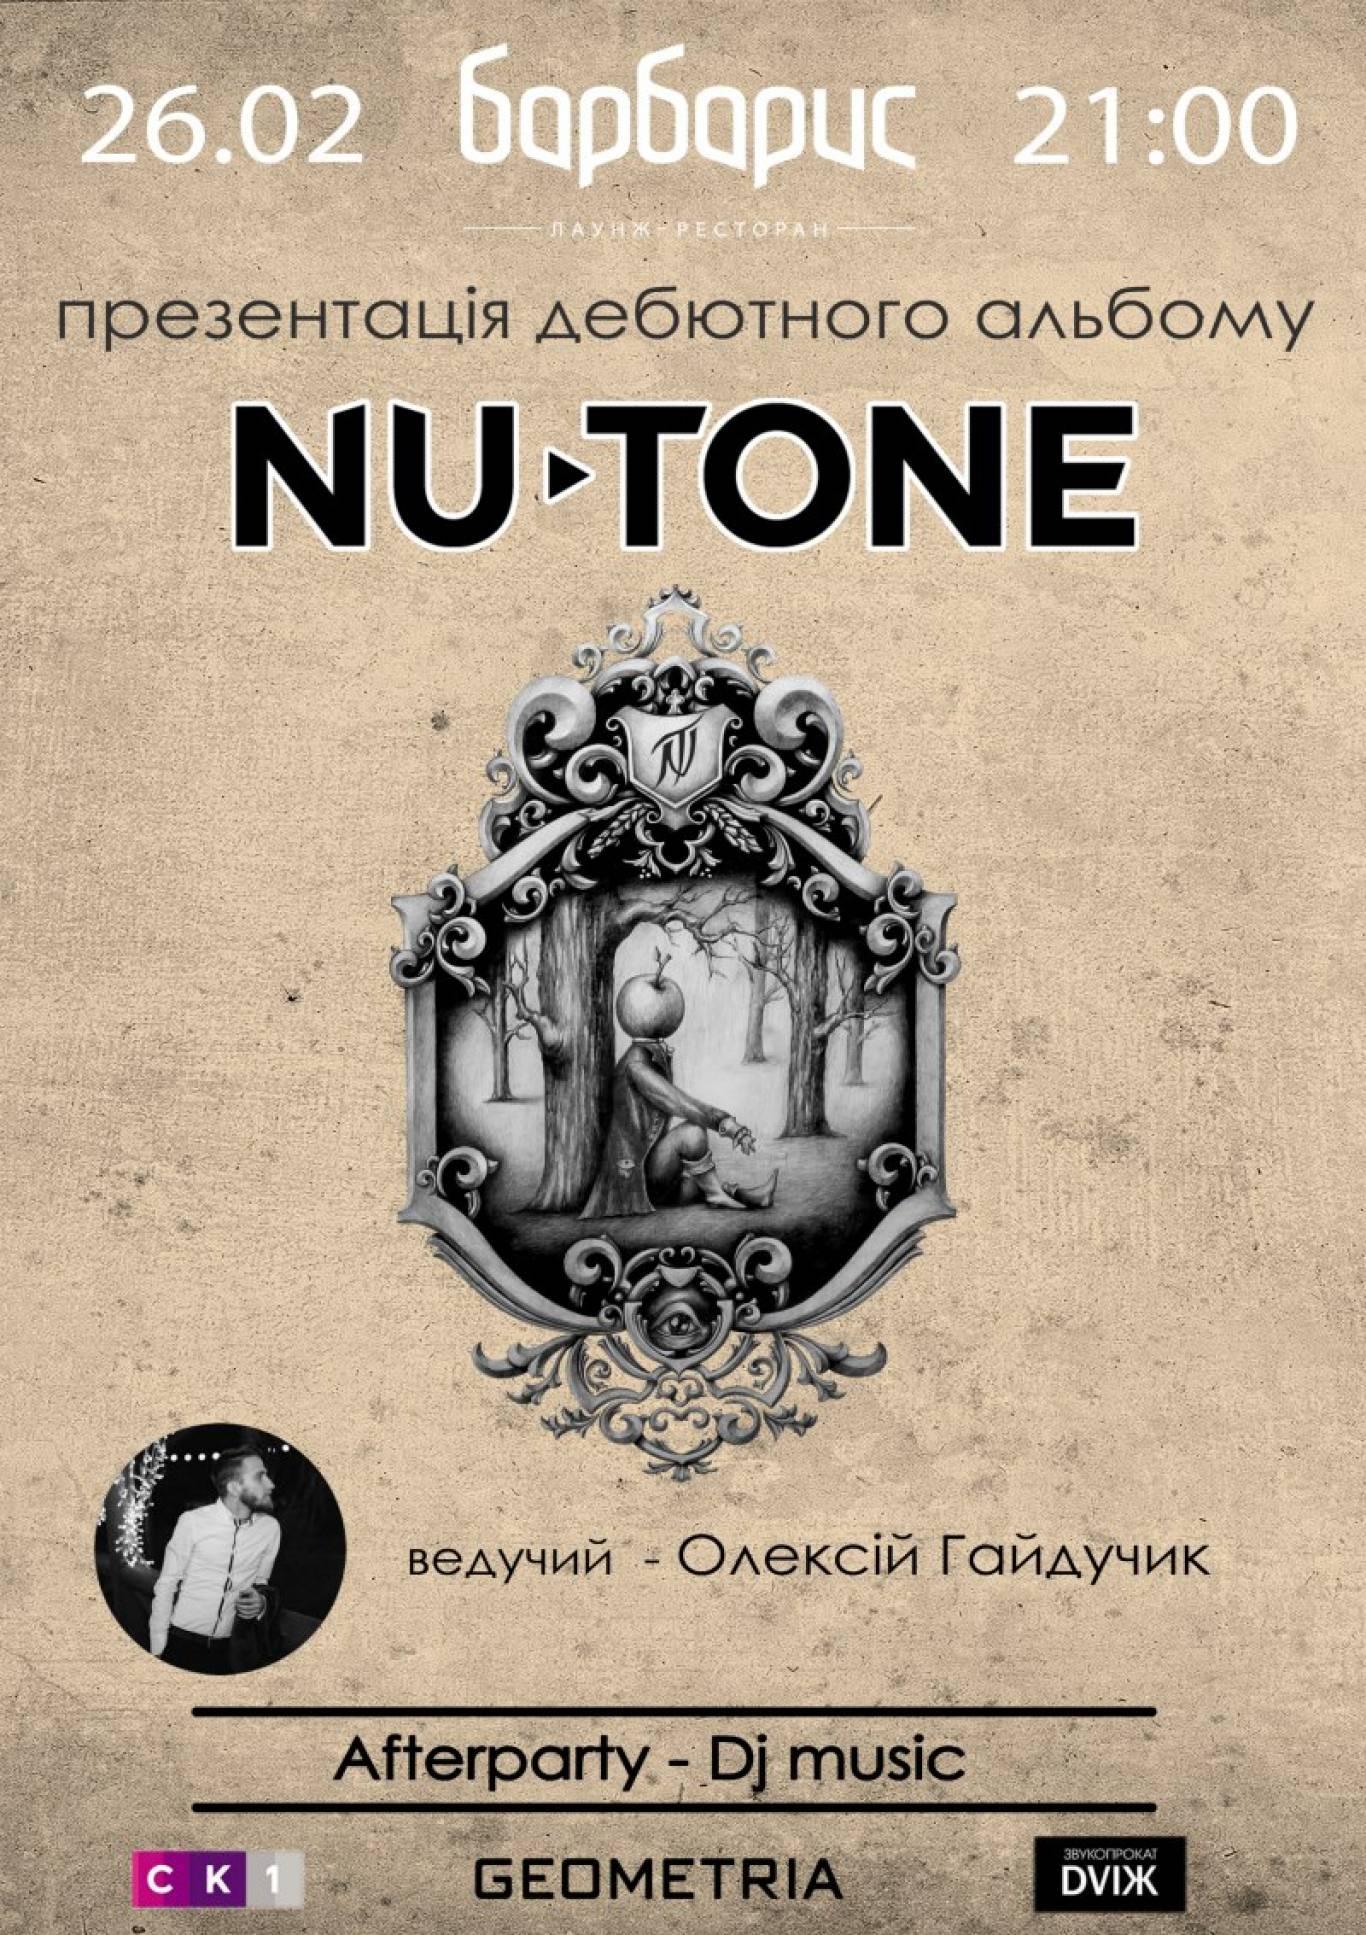 Презентація дебютного альбому гурту NUTONE